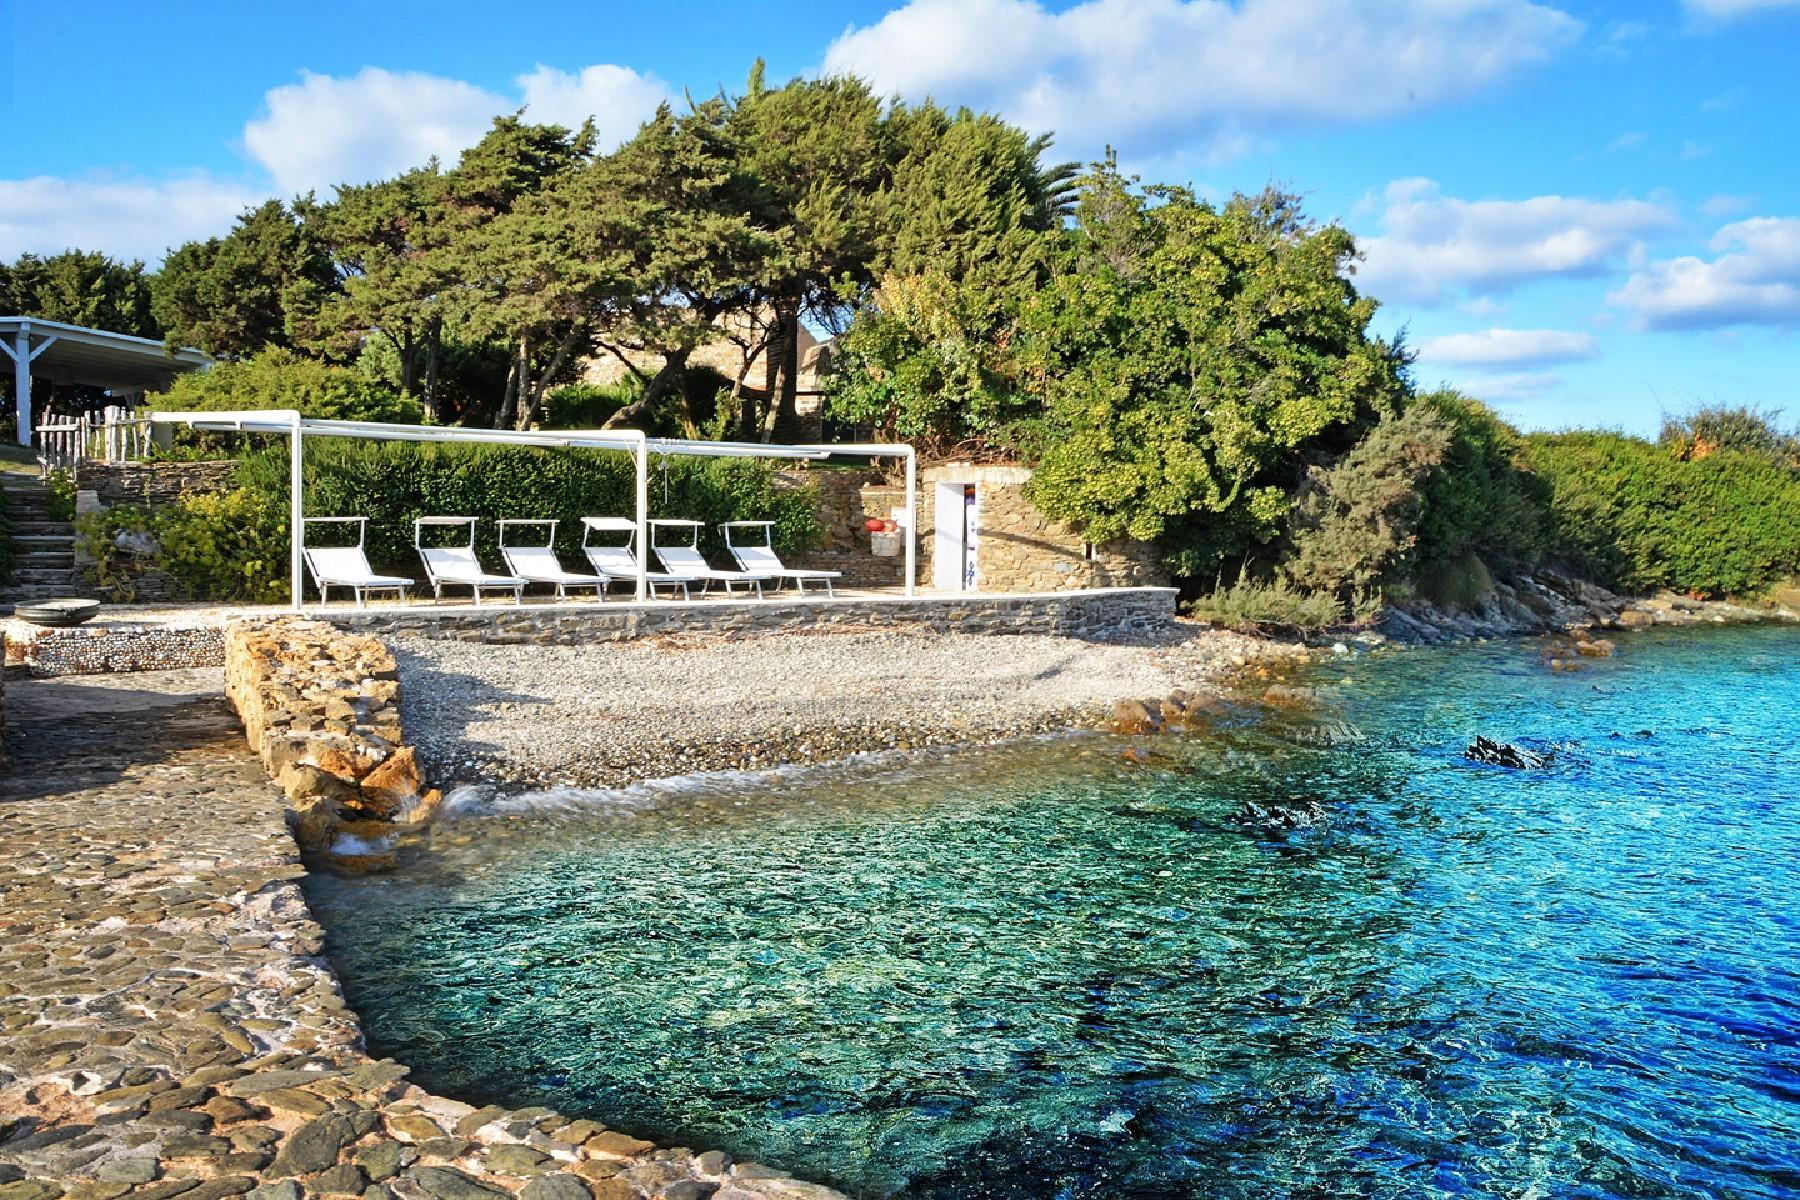 Pieds-dans-l'eau villa on a little private peninsula - 12